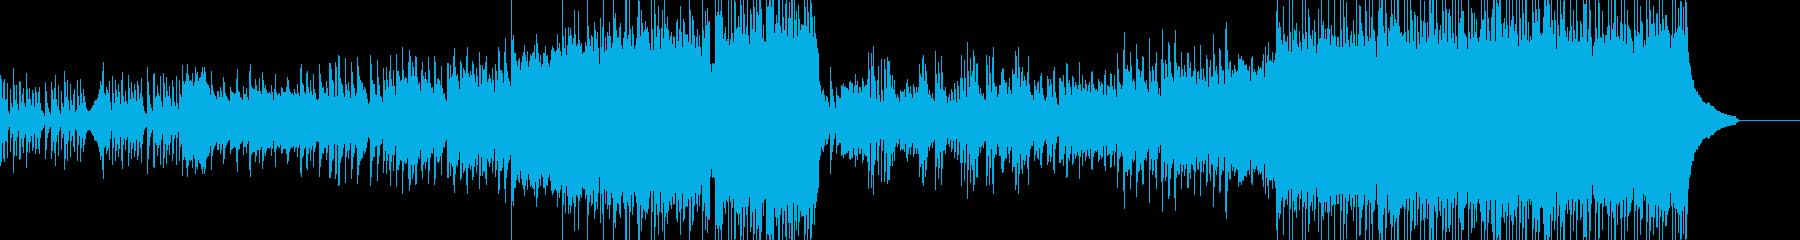 ハープとアコギ・儚い演出・涙シーン B2の再生済みの波形